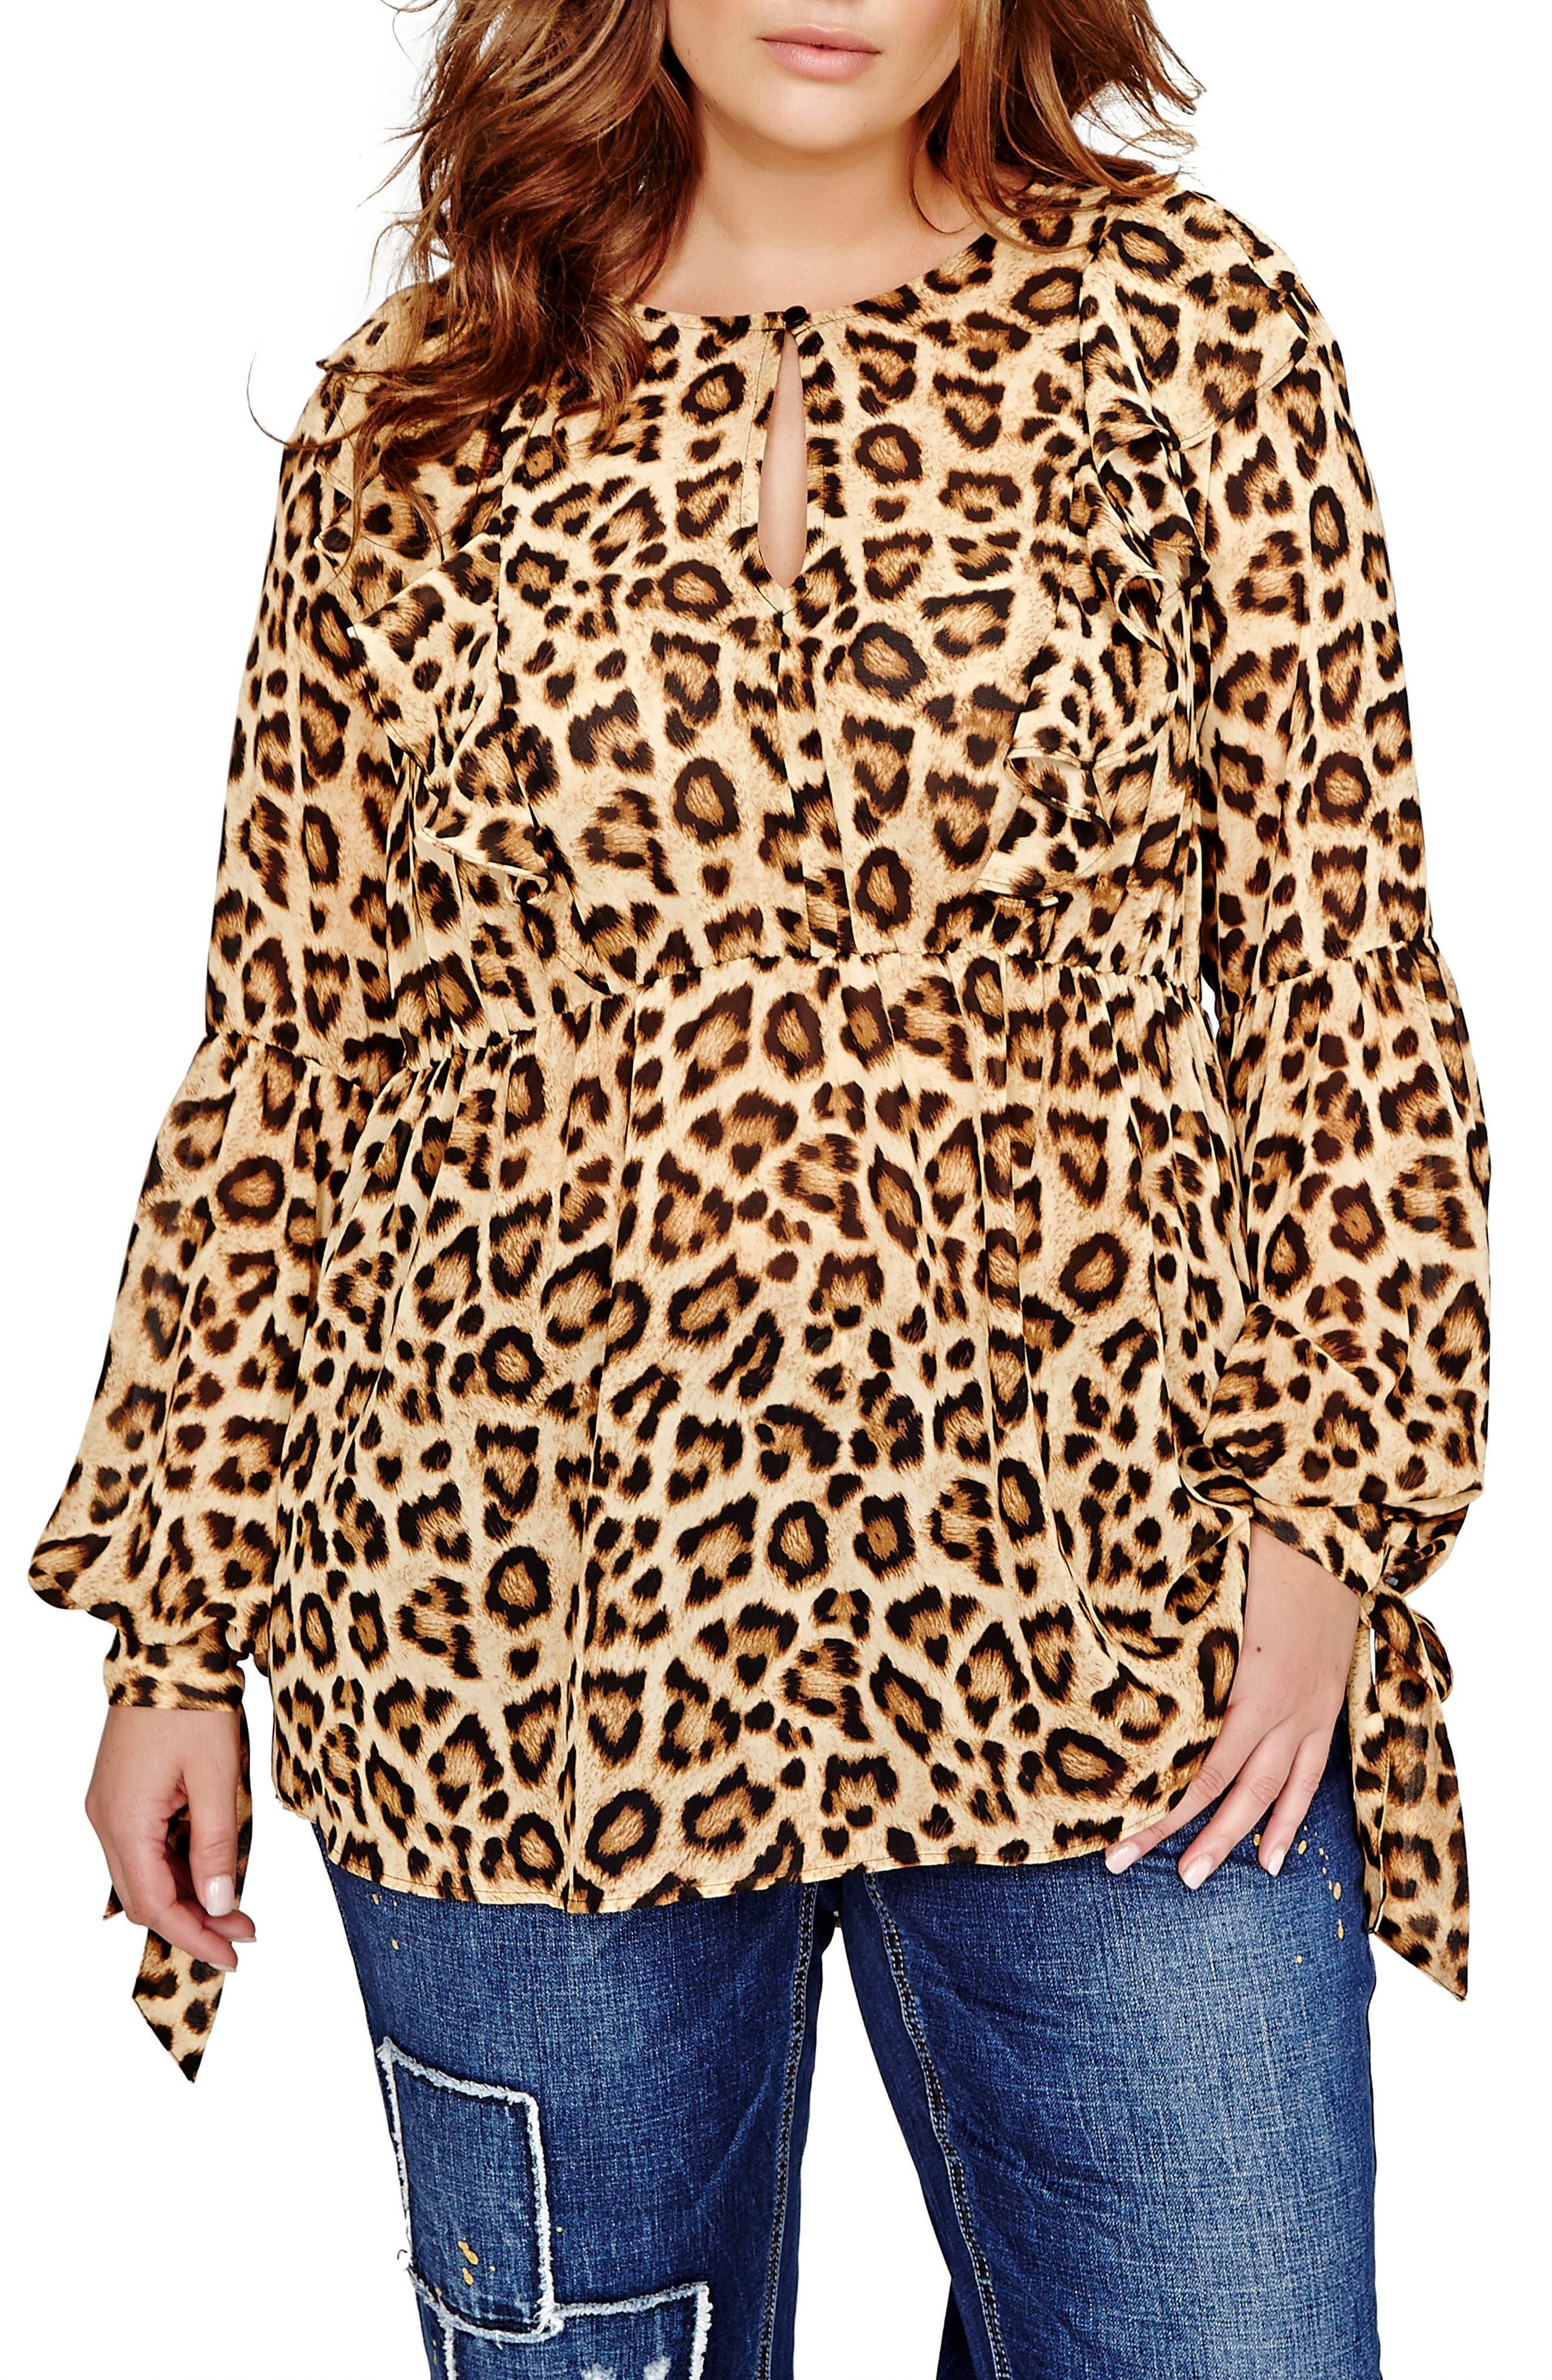 Leoopard Print Blouse,                         Main,                         color, Brown Leopard